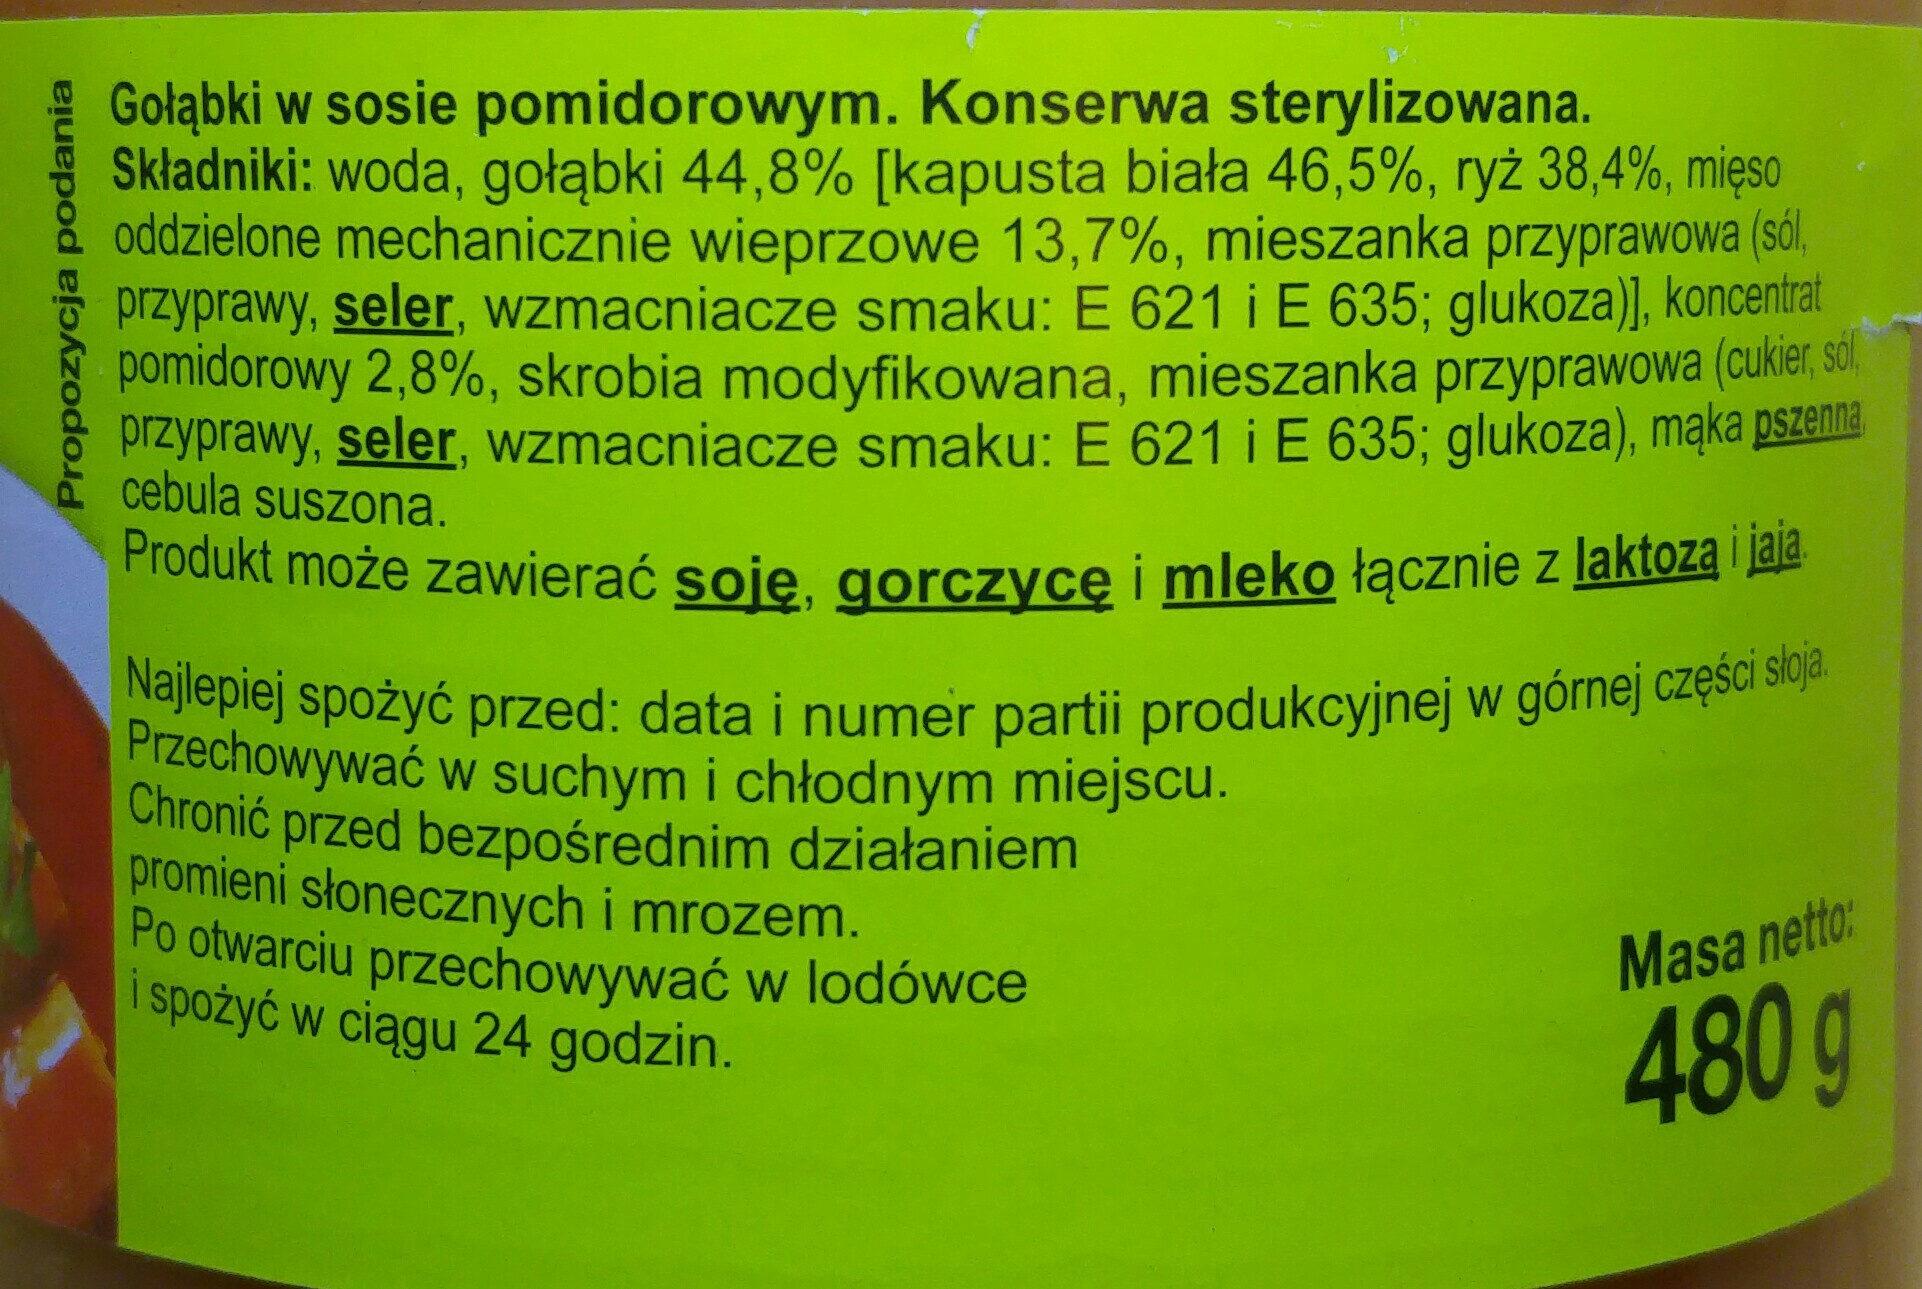 Gołąbki w sosie pomidorowym. - Ingredients - pl